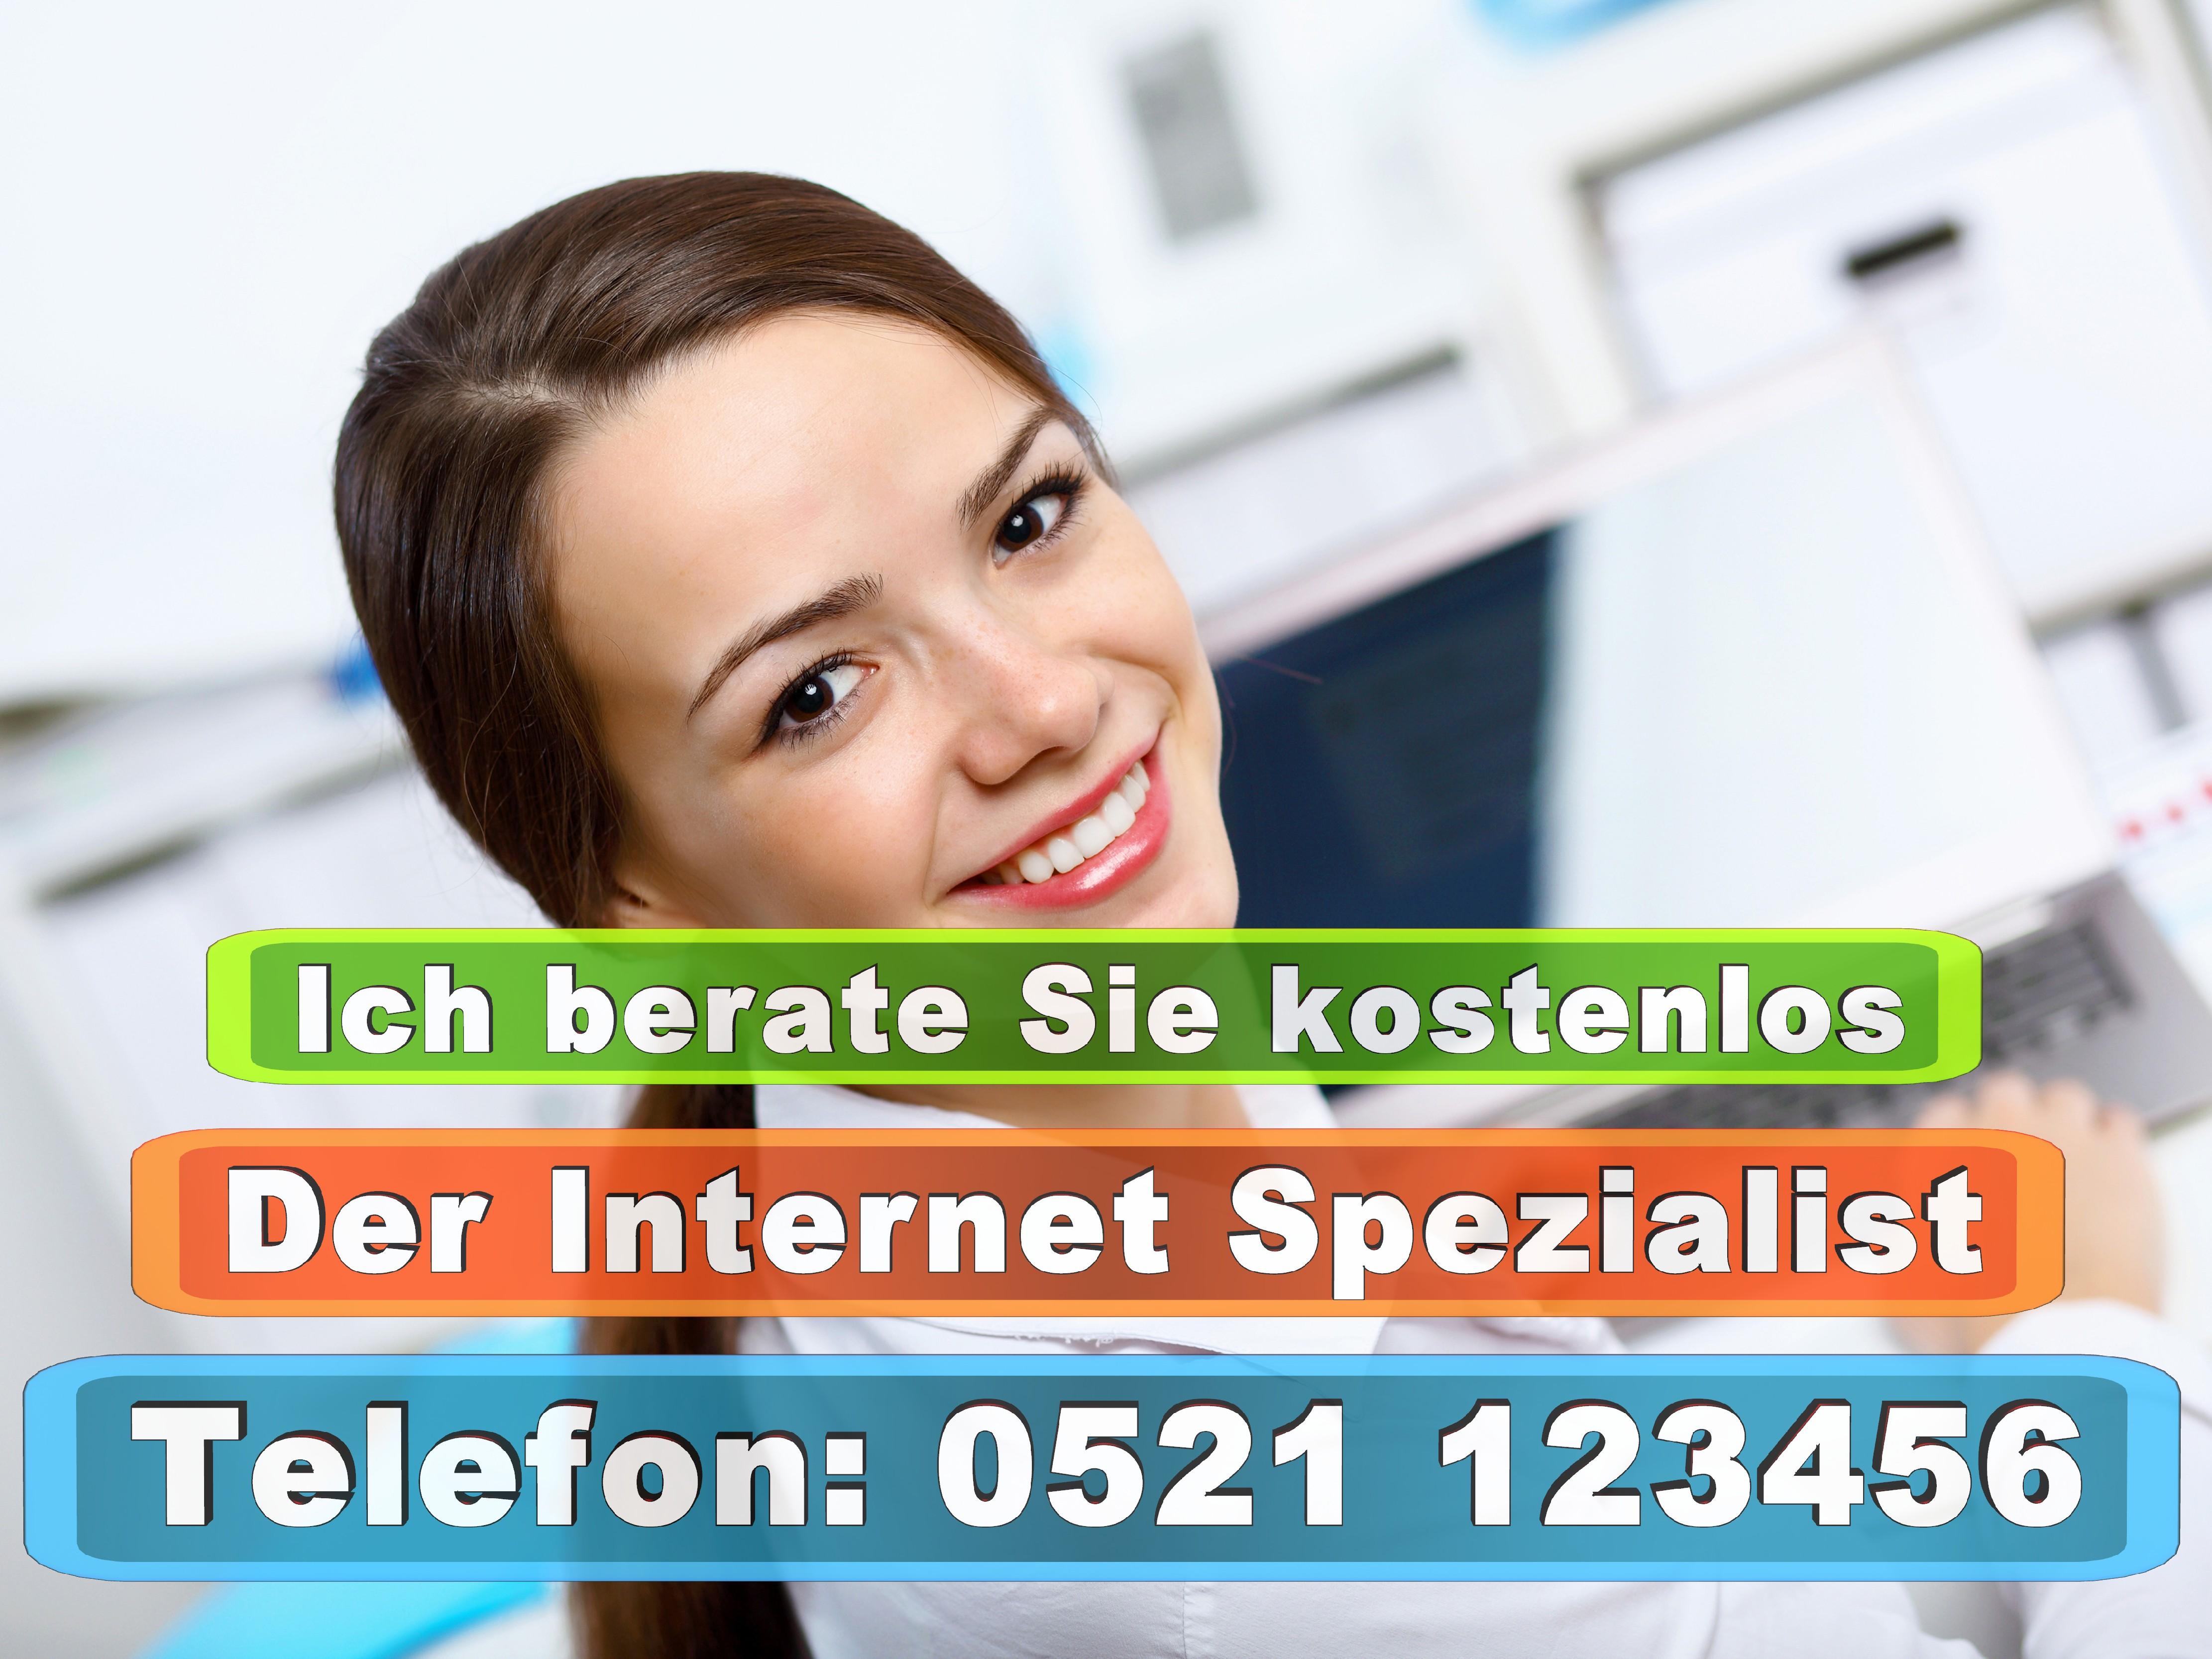 Steuerberater Bielefeld Rechtsanwalt Bielefeld Hausverwaltung Bielefeld Immobilien Bielefeld Architekt Bielefeld Büro Versicherungen (24)